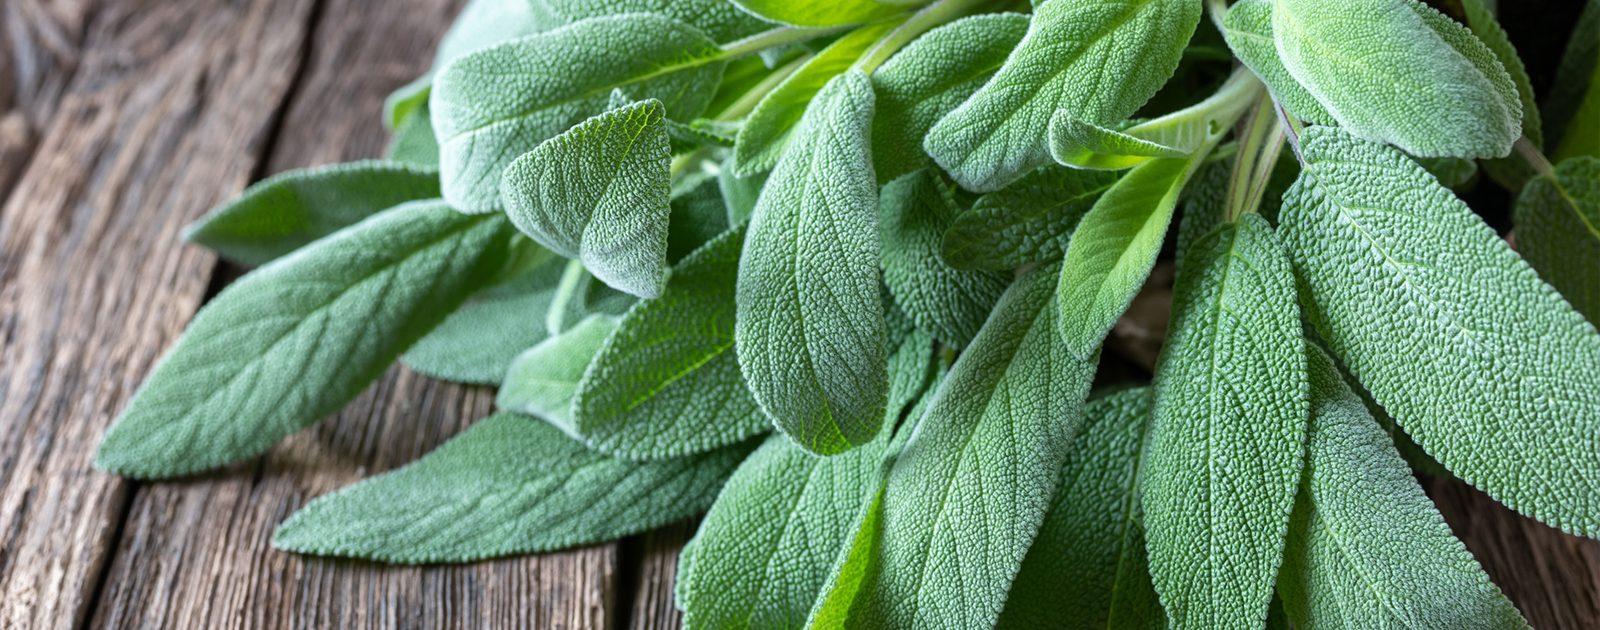 Ein Bündel der Heilpflanze Salbei, die beruhigend bei Bauchkoliken wirkt, liegt auf einem rustikalen Holztisch.